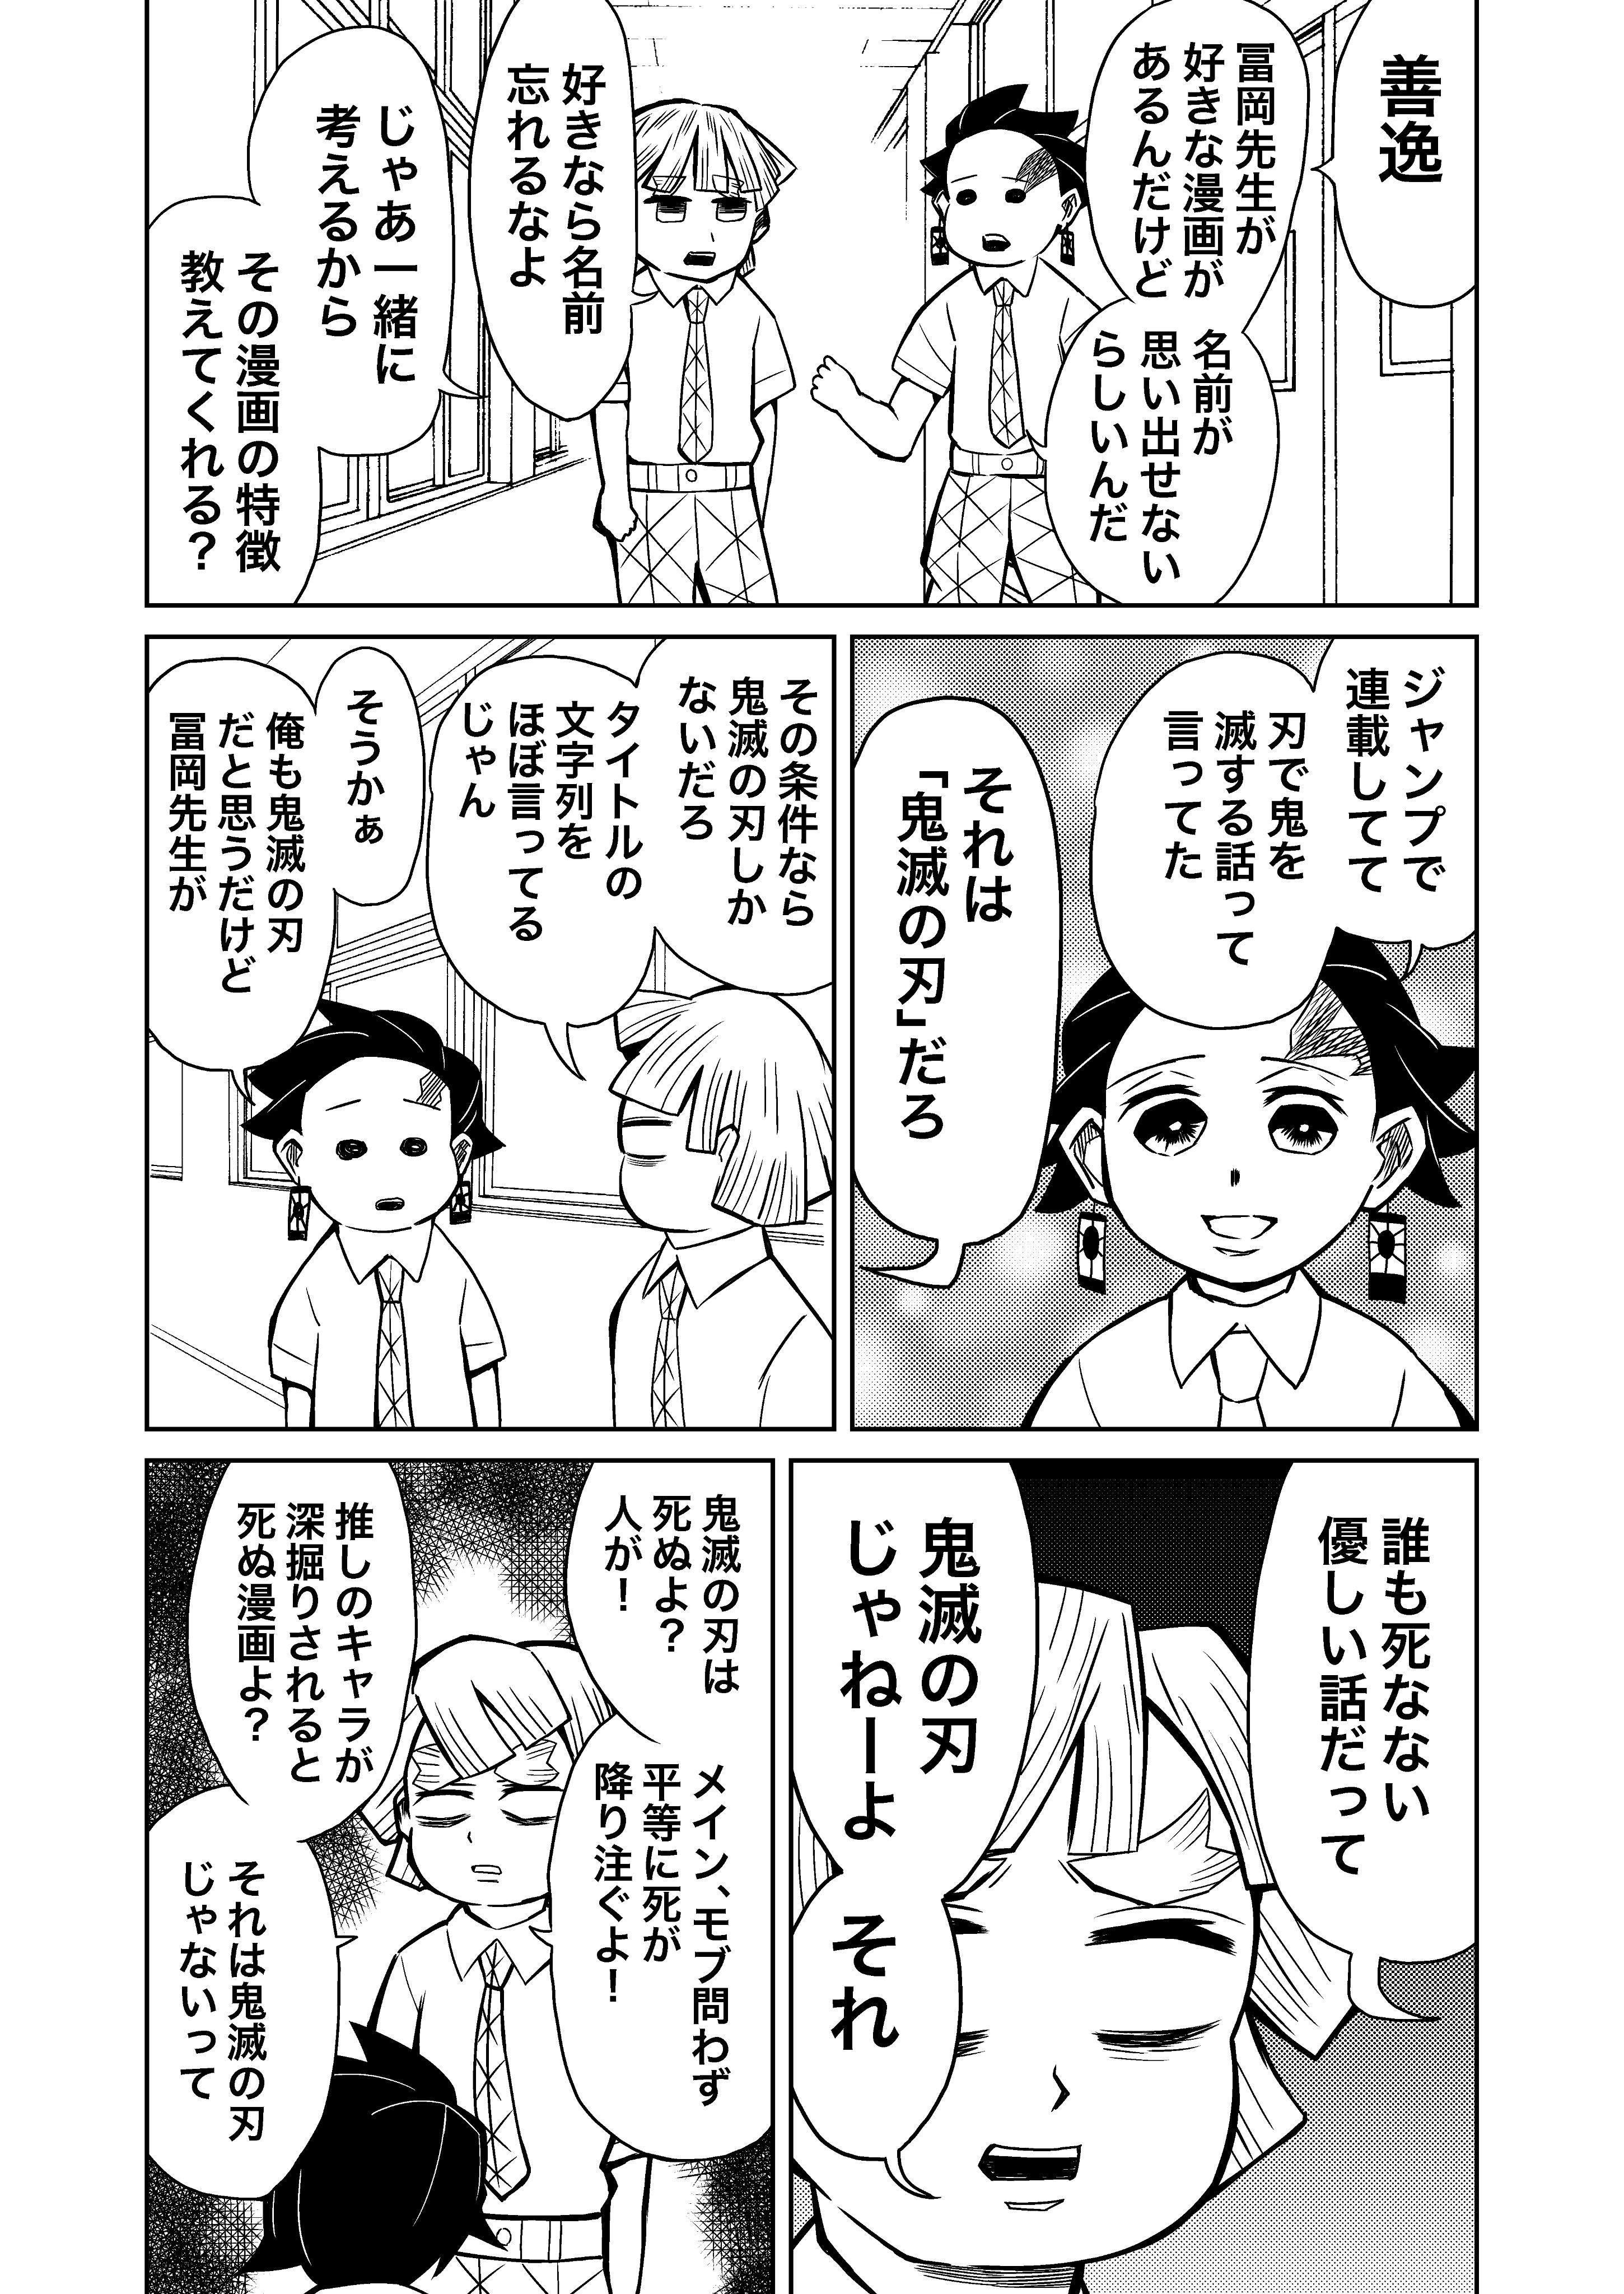 ネタ 文字 ボーイ ミルク